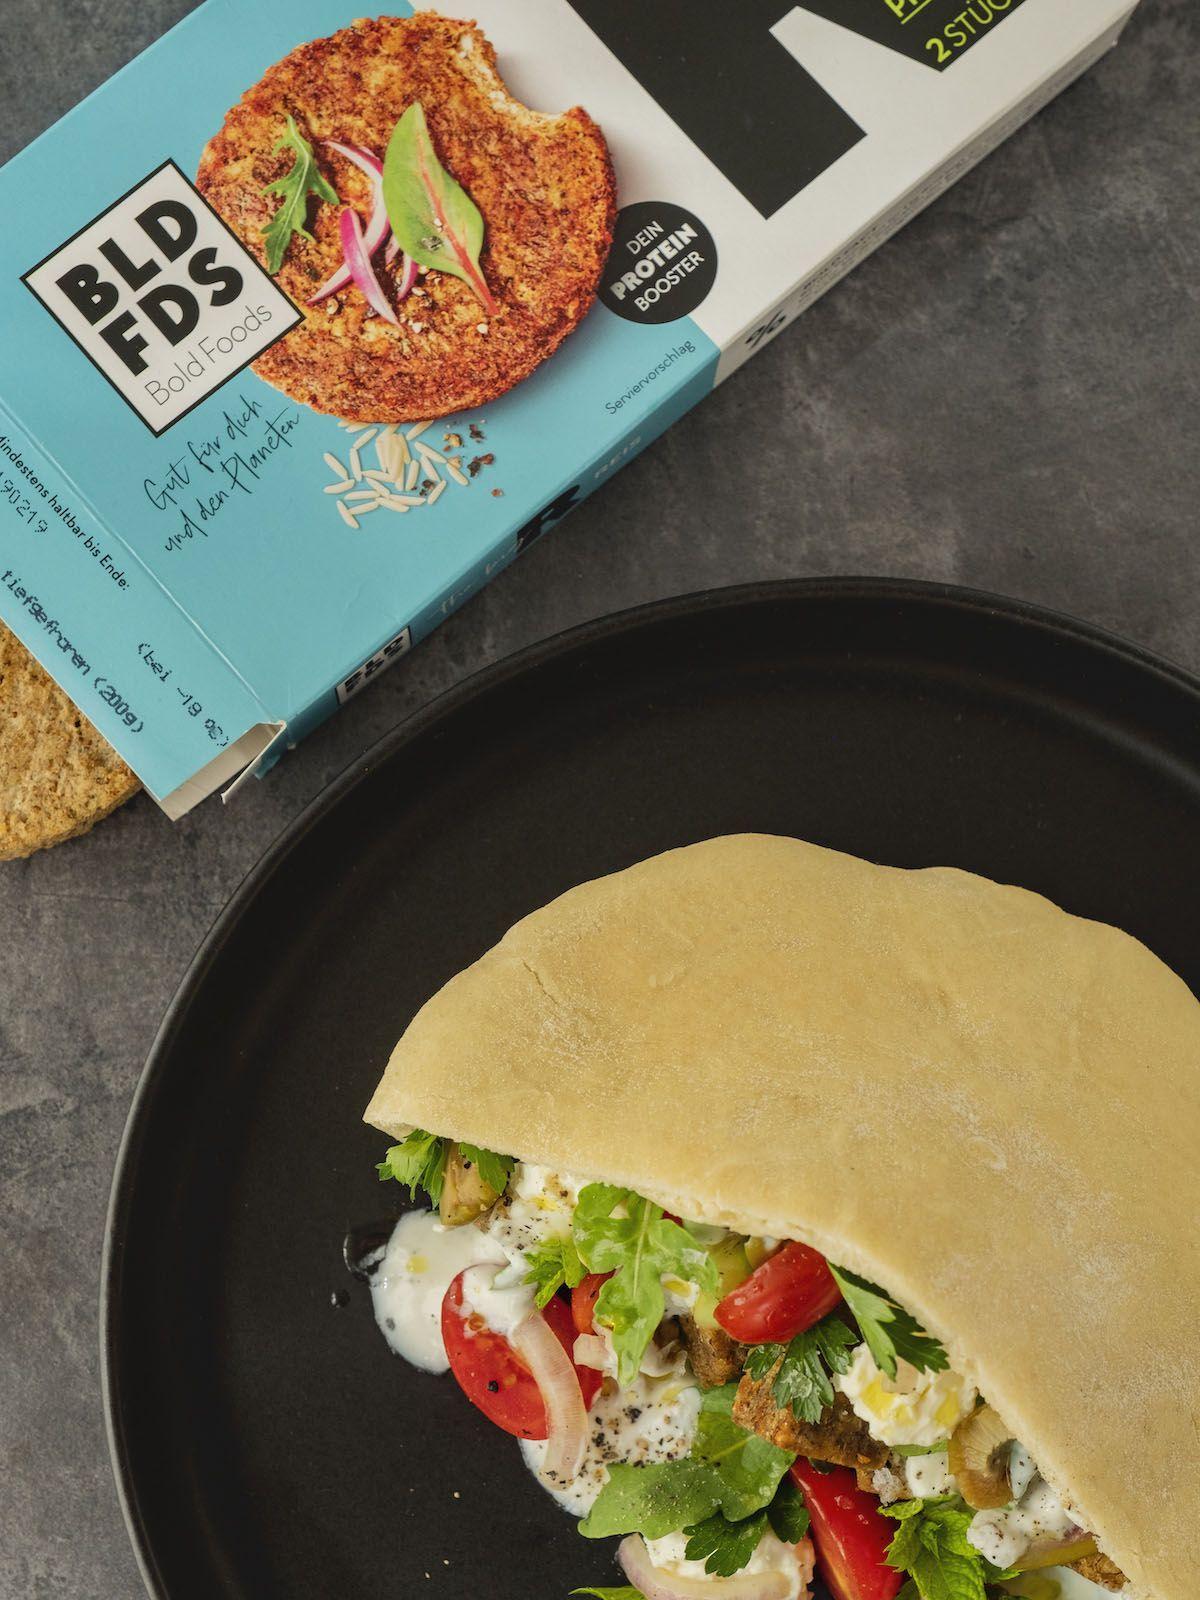 Foodblog, About Fuel, Rezept, Bold Foods The big R Knusperwürfel im Pitabrot mit griechischem Salat, Ruccola und Joghurt-Zitronen-Soße, Ruccola